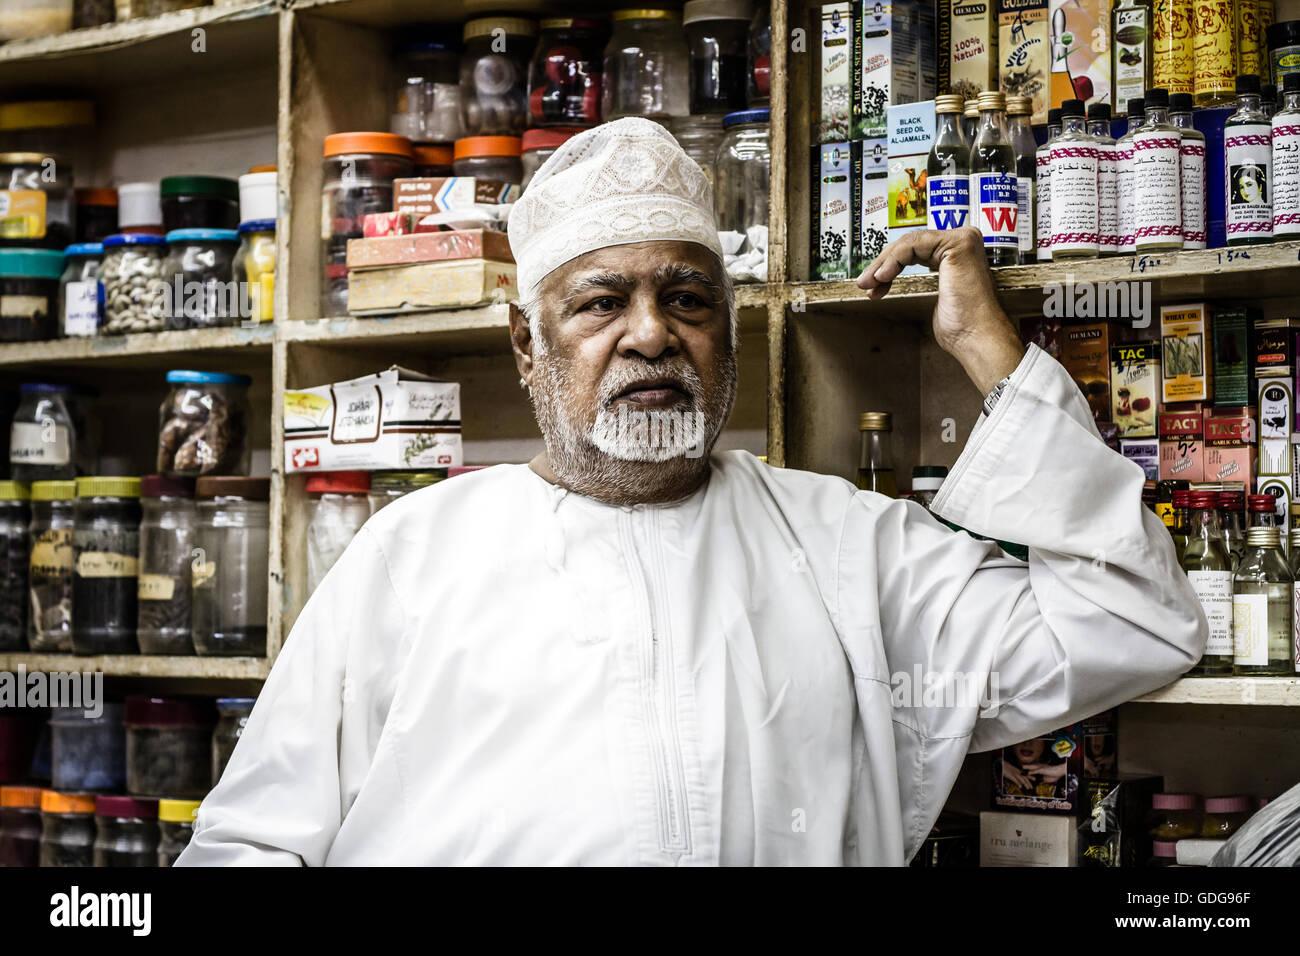 Spice Trader vecchio souk Muttrah, Oman. Immagini Stock